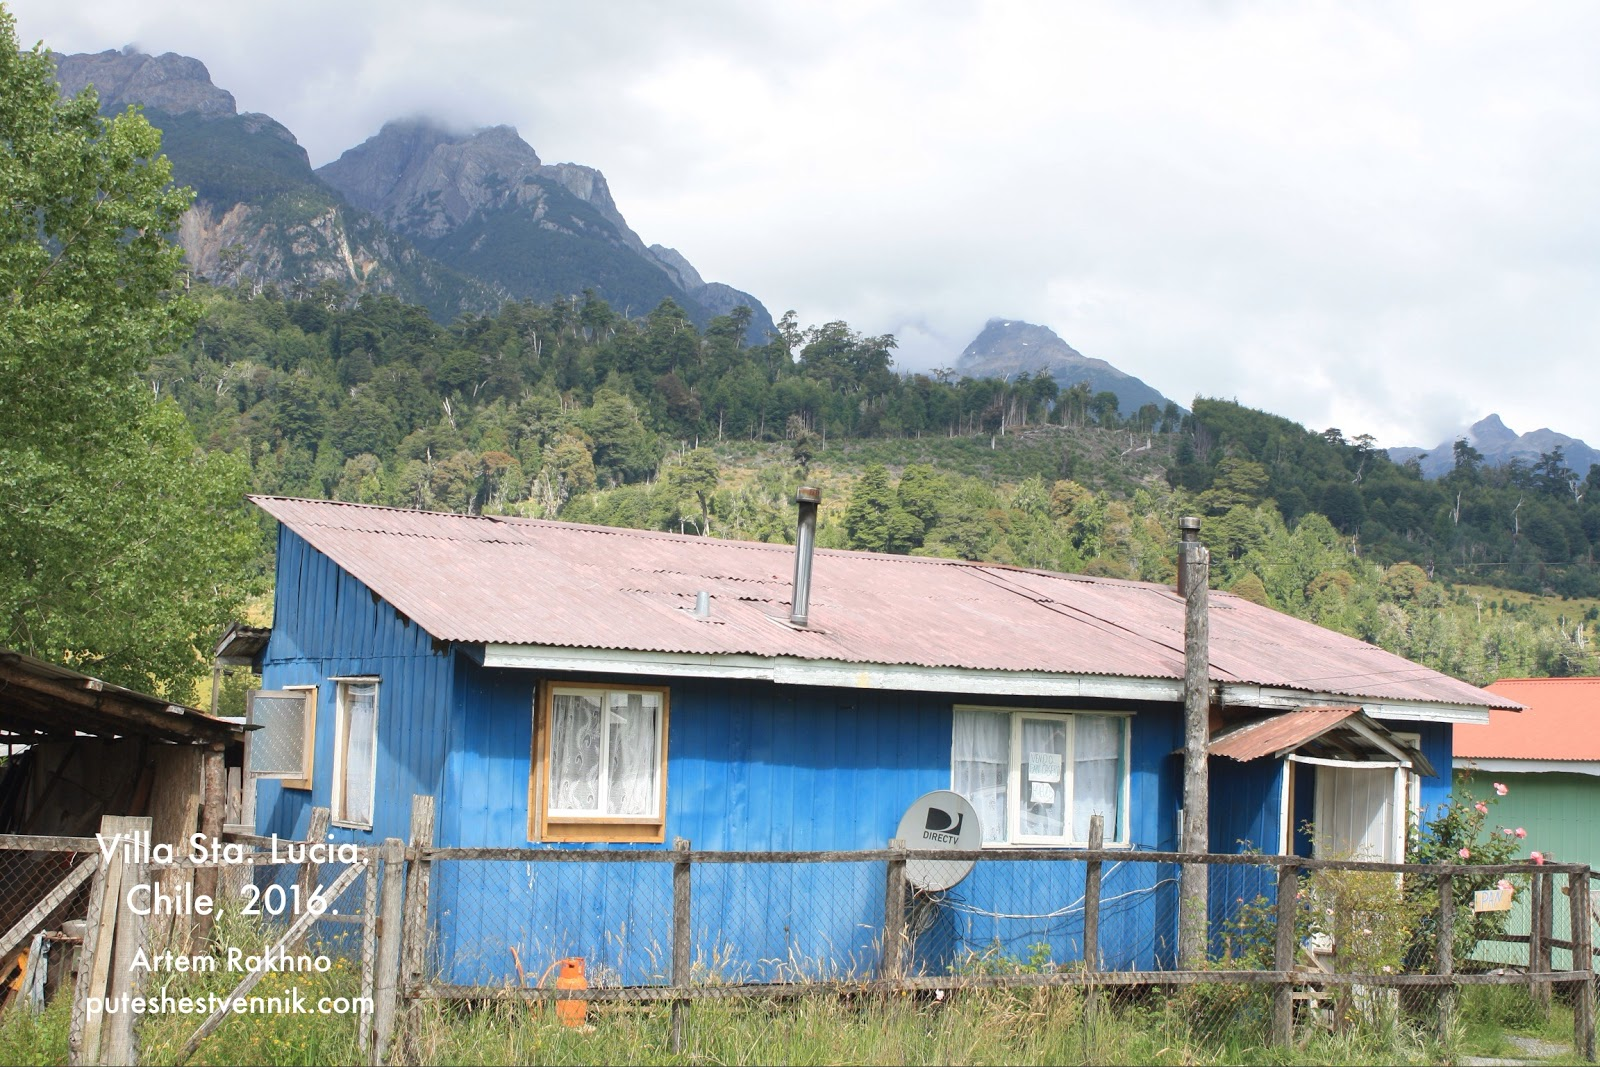 Синий дом в деревне Санта-Люсия